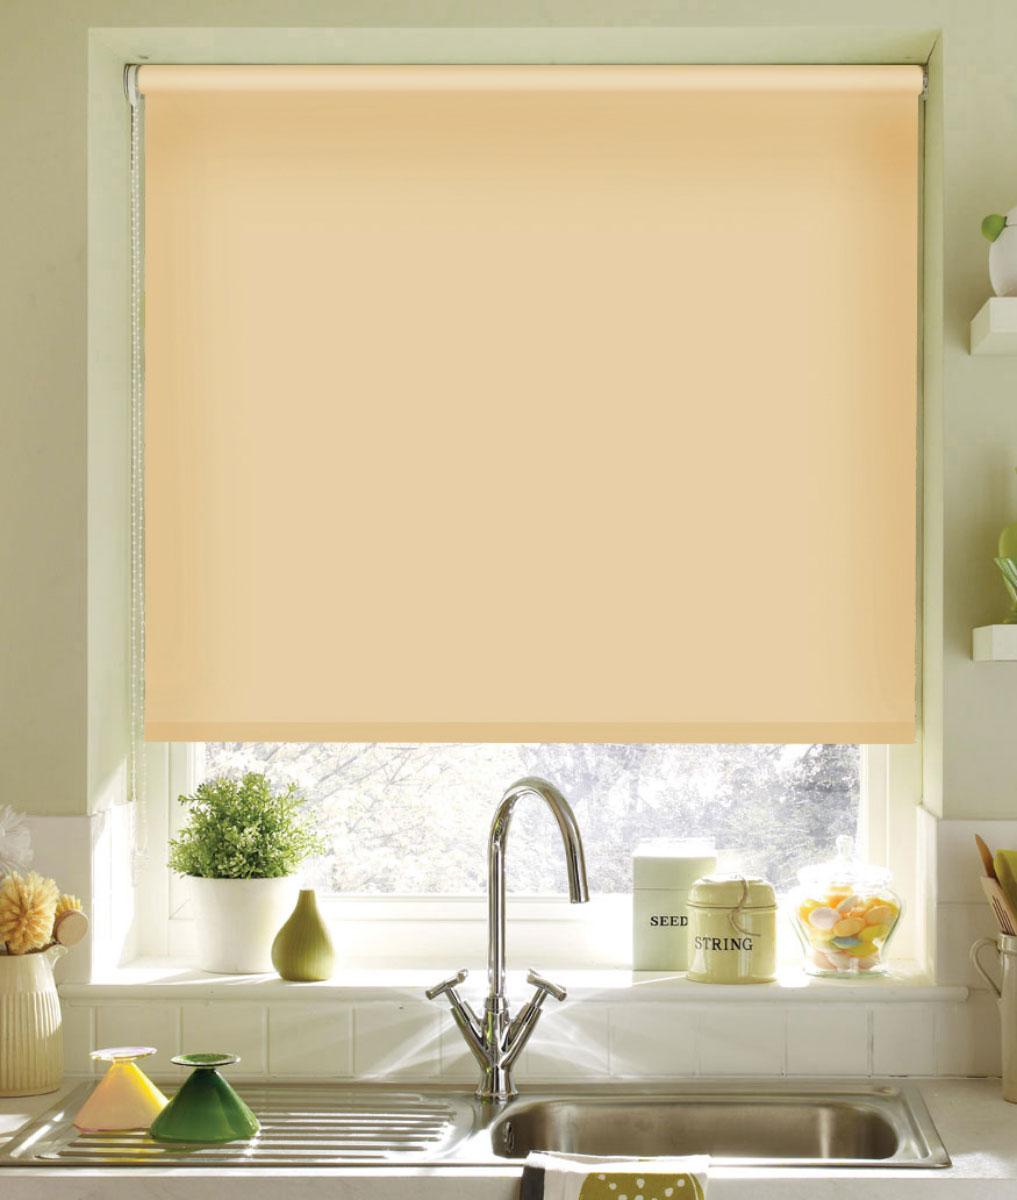 Миниролло KauffOrt 37х170 см, цвет: светлый абрикос3037112Рулонная штора Миниролло выполнена из высокопрочной ткани светло-абрикосового цвета, которая сохраняет свой размер даже при намокании. Ткань не выцветает и обладает отличной цветоустойчивостью. Миниролло - это подвид рулонных штор, который закрывает не весь оконный проем, а непосредственно само стекло. Такие шторы крепятся на раму без сверления при помощи зажимов или клейкой двухсторонней ленты. Окно остаётся на гарантии, благодаря монтажу без сверления. Такая штора станет прекрасным элементом декора окна и гармонично впишется в интерьер любого помещения.